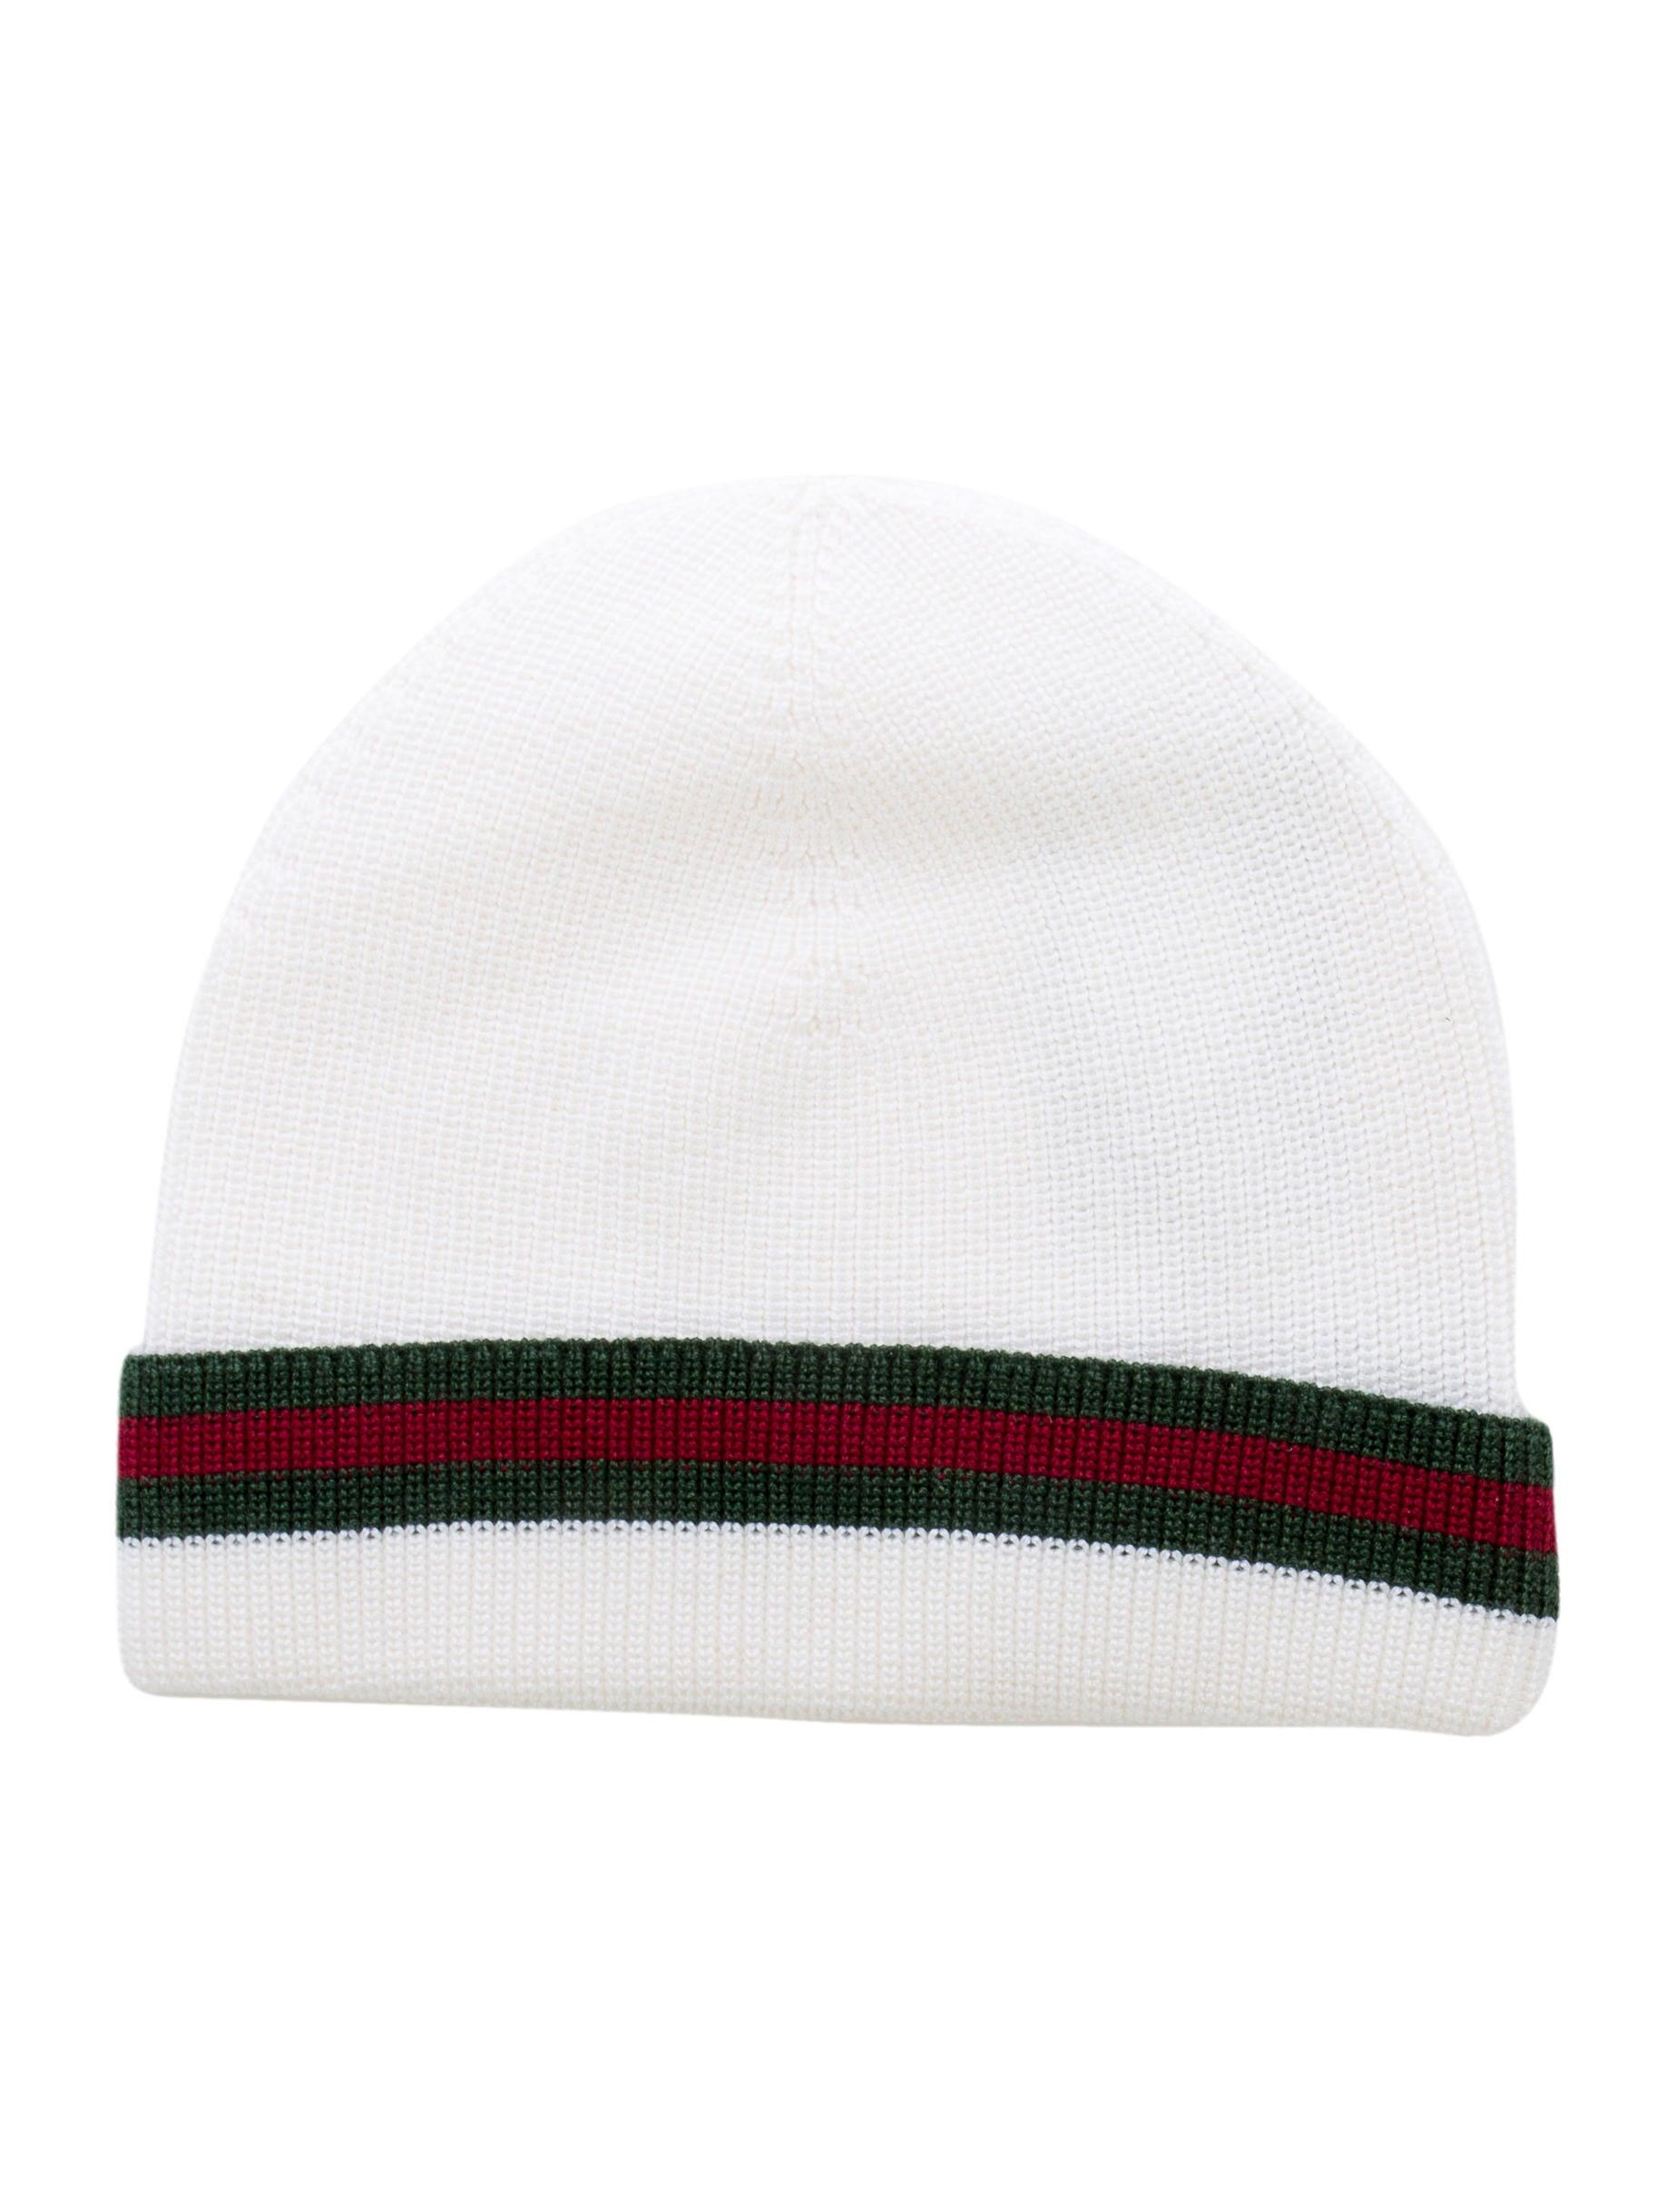 80f9eb02227a Gucci Crook Wool Hat w  Tags - Accessories - GUC109383